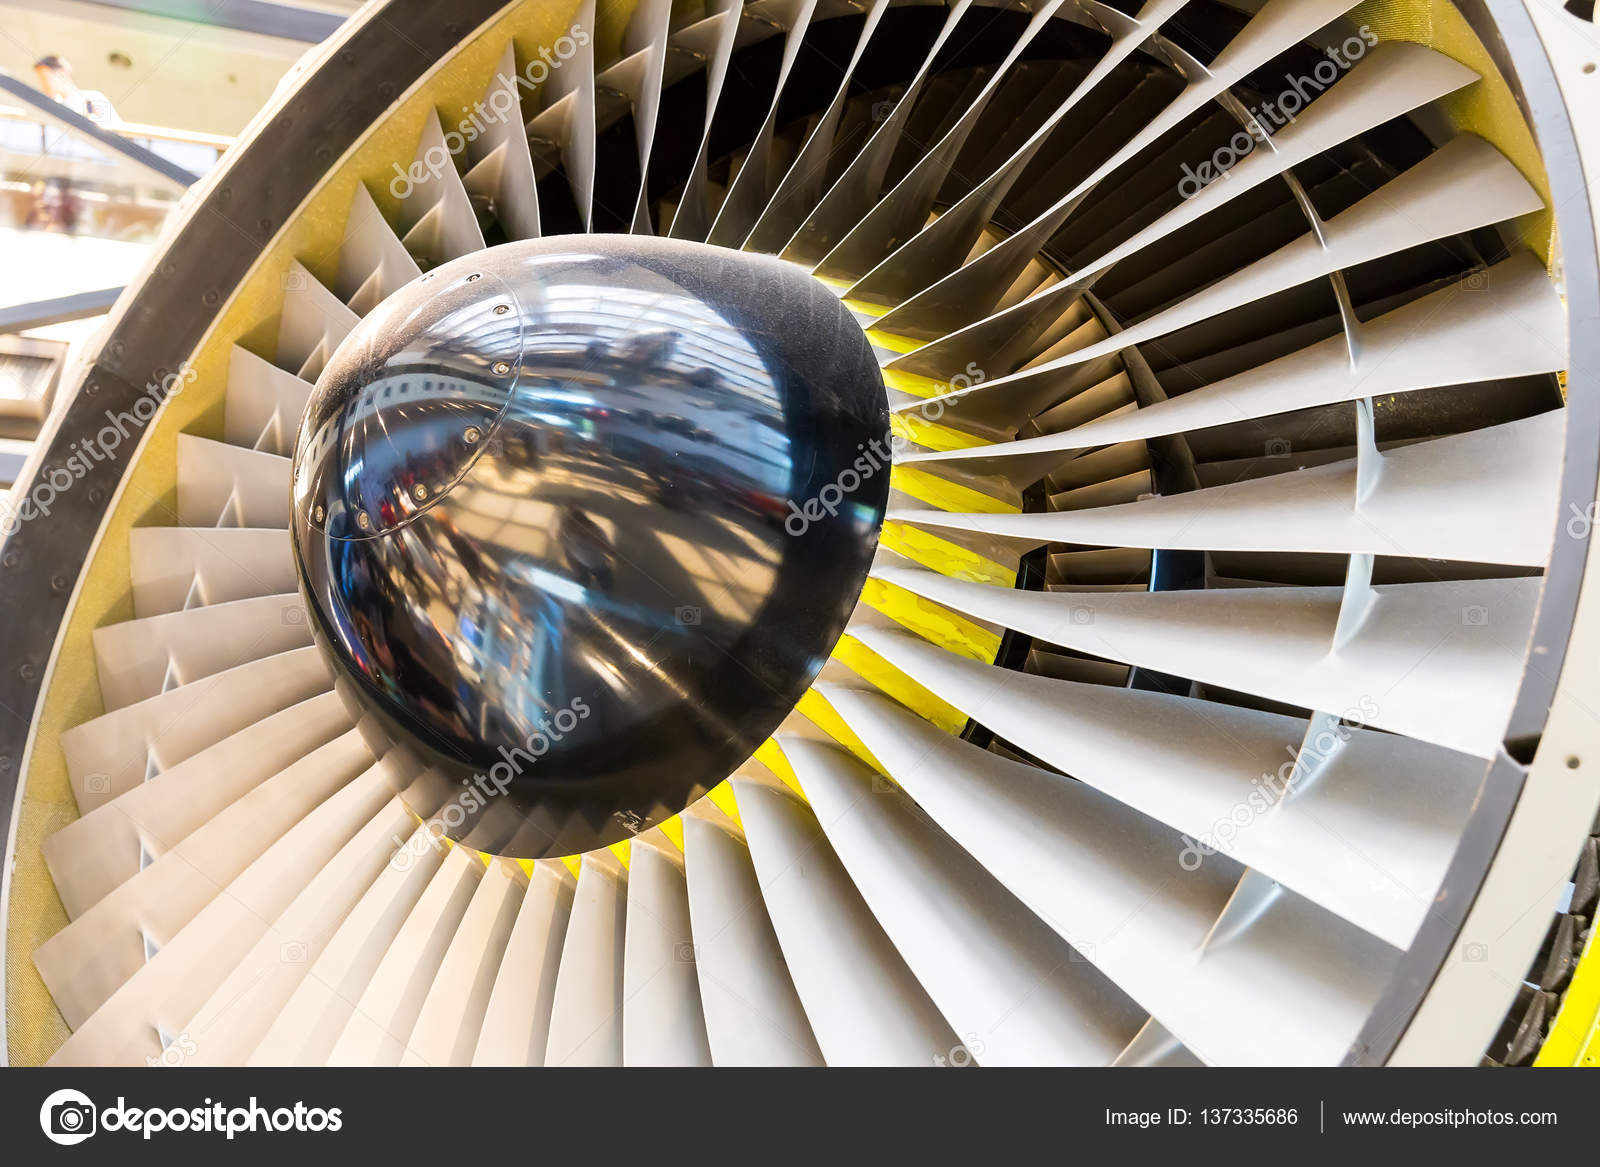 喷气发动机叶片特写.飞机涡轮技术— 照片作者 nomadsoul1